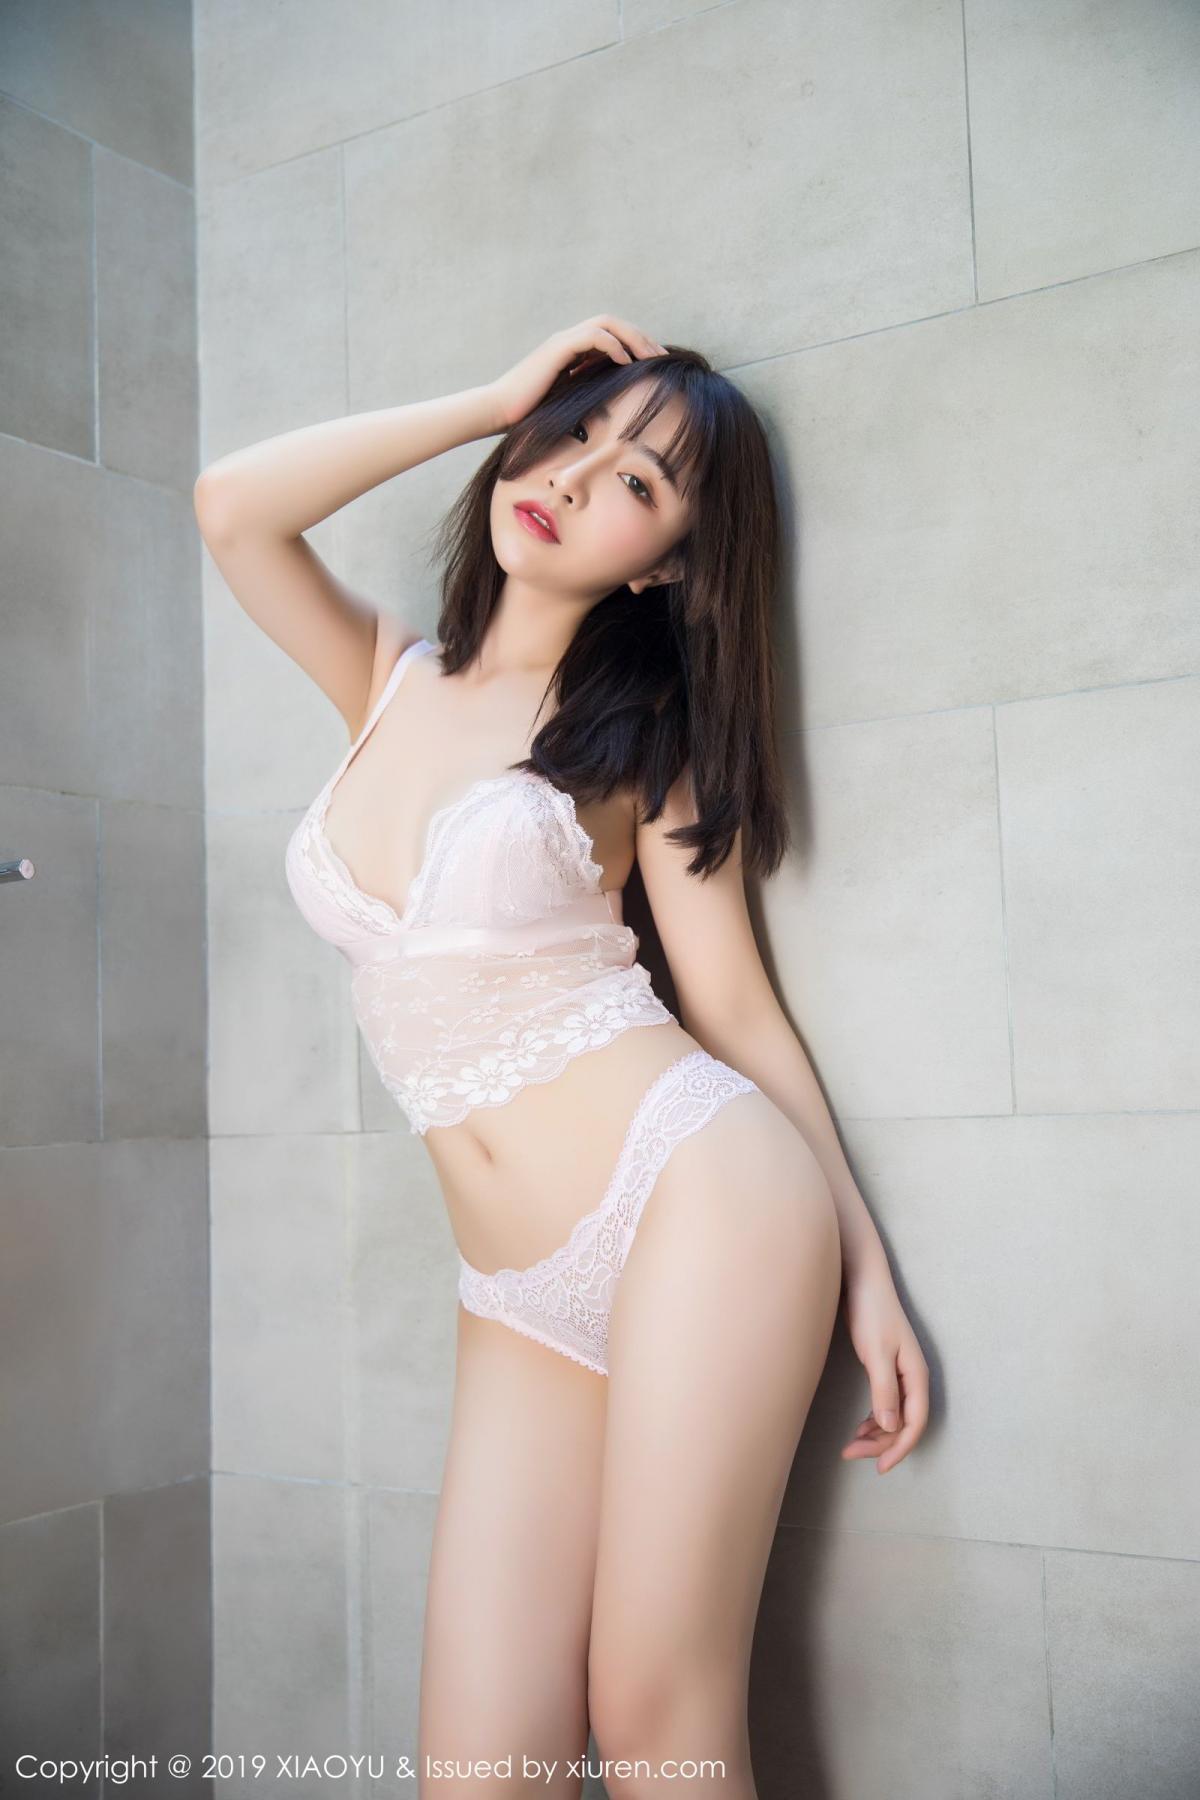 [XiaoYu] Vol.147 Xie Zhi Xin 58P, Bathroom, Big Booty, Wet, XiaoYu, Xie Zhi Xin